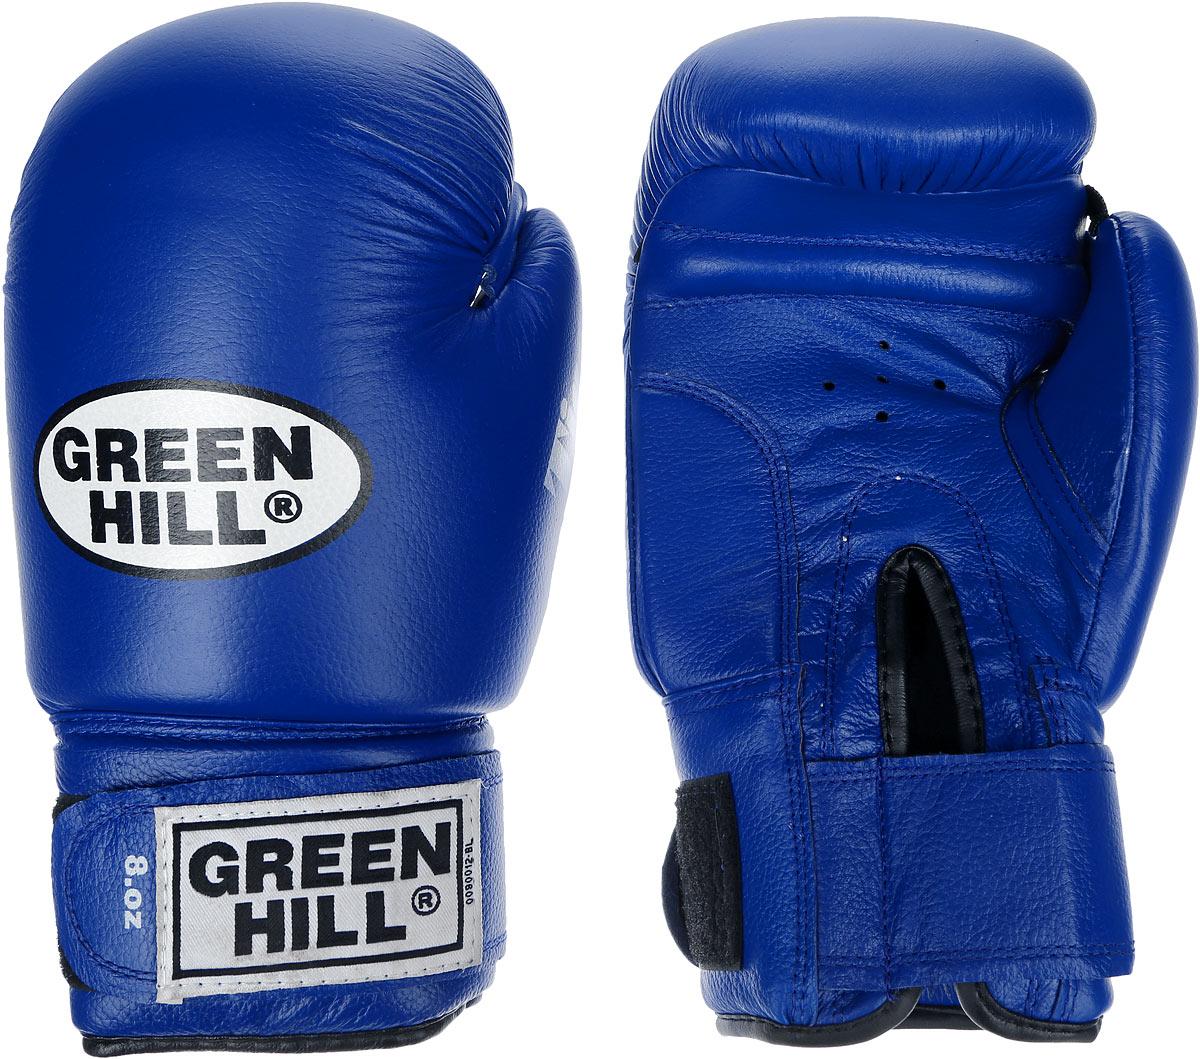 Перчатки боксерские Green Hill Tiger, цвет: синий, белый. Вес 8 унций. BGT-2010сBGT-2010сБоевые боксерские перчатки Green Hill Tiger применяются как для соревнований, так и для тренировок. Верх выполнен из натуральной кожи, вкладыш - предварительно сформированный пенополиуретан. Манжет на липучке способствует быстрому и удобному надеванию перчаток, плотно фиксирует перчатки на руке. Отверстия в области ладони позволяют создать максимально комфортный терморежим во время занятий.В перчатках применяется технология антинокаут.